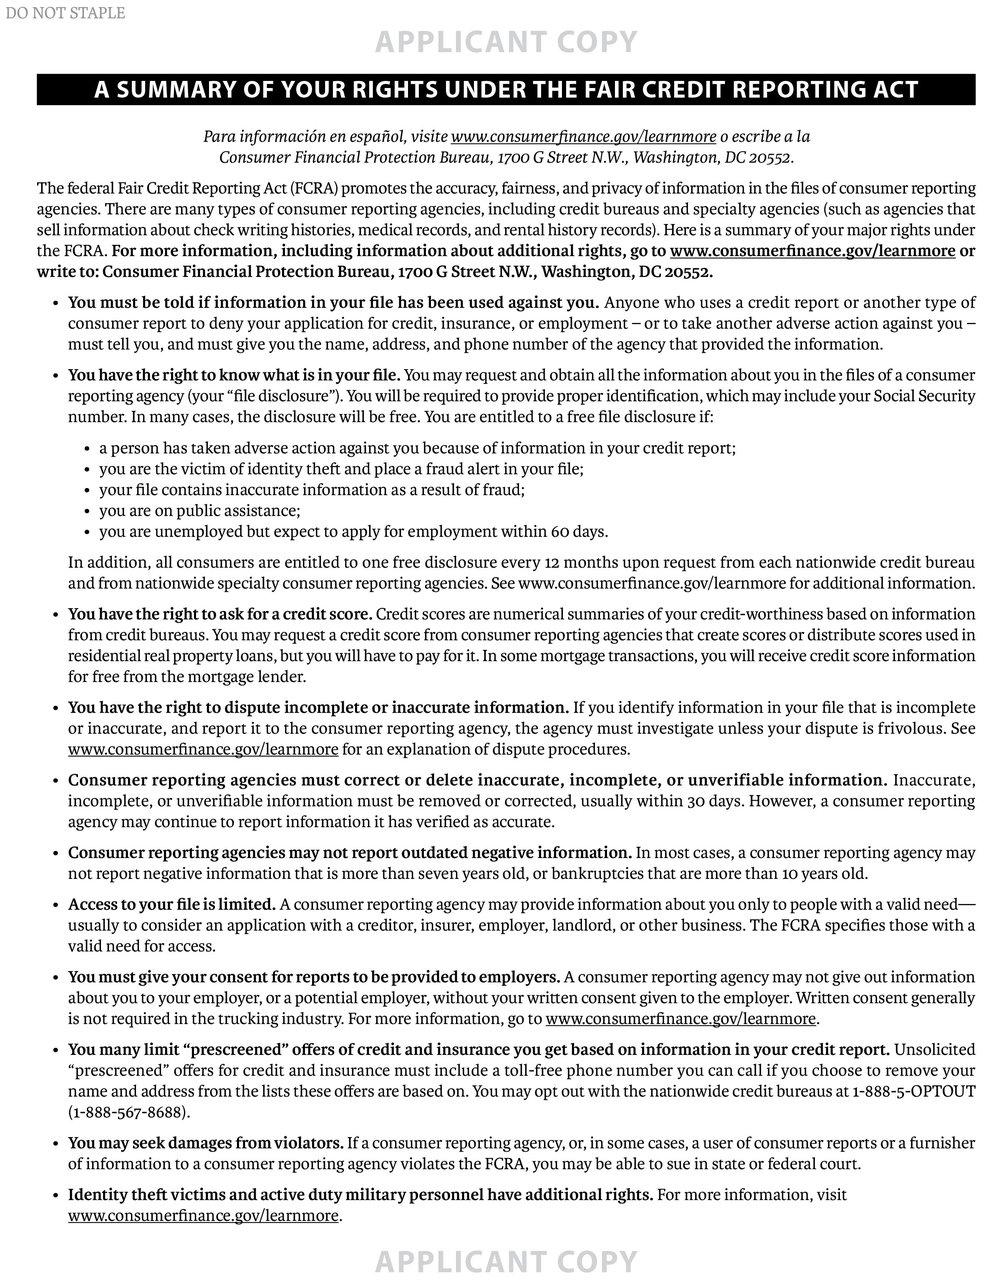 Summary-of-Rights-FCRA.jpg